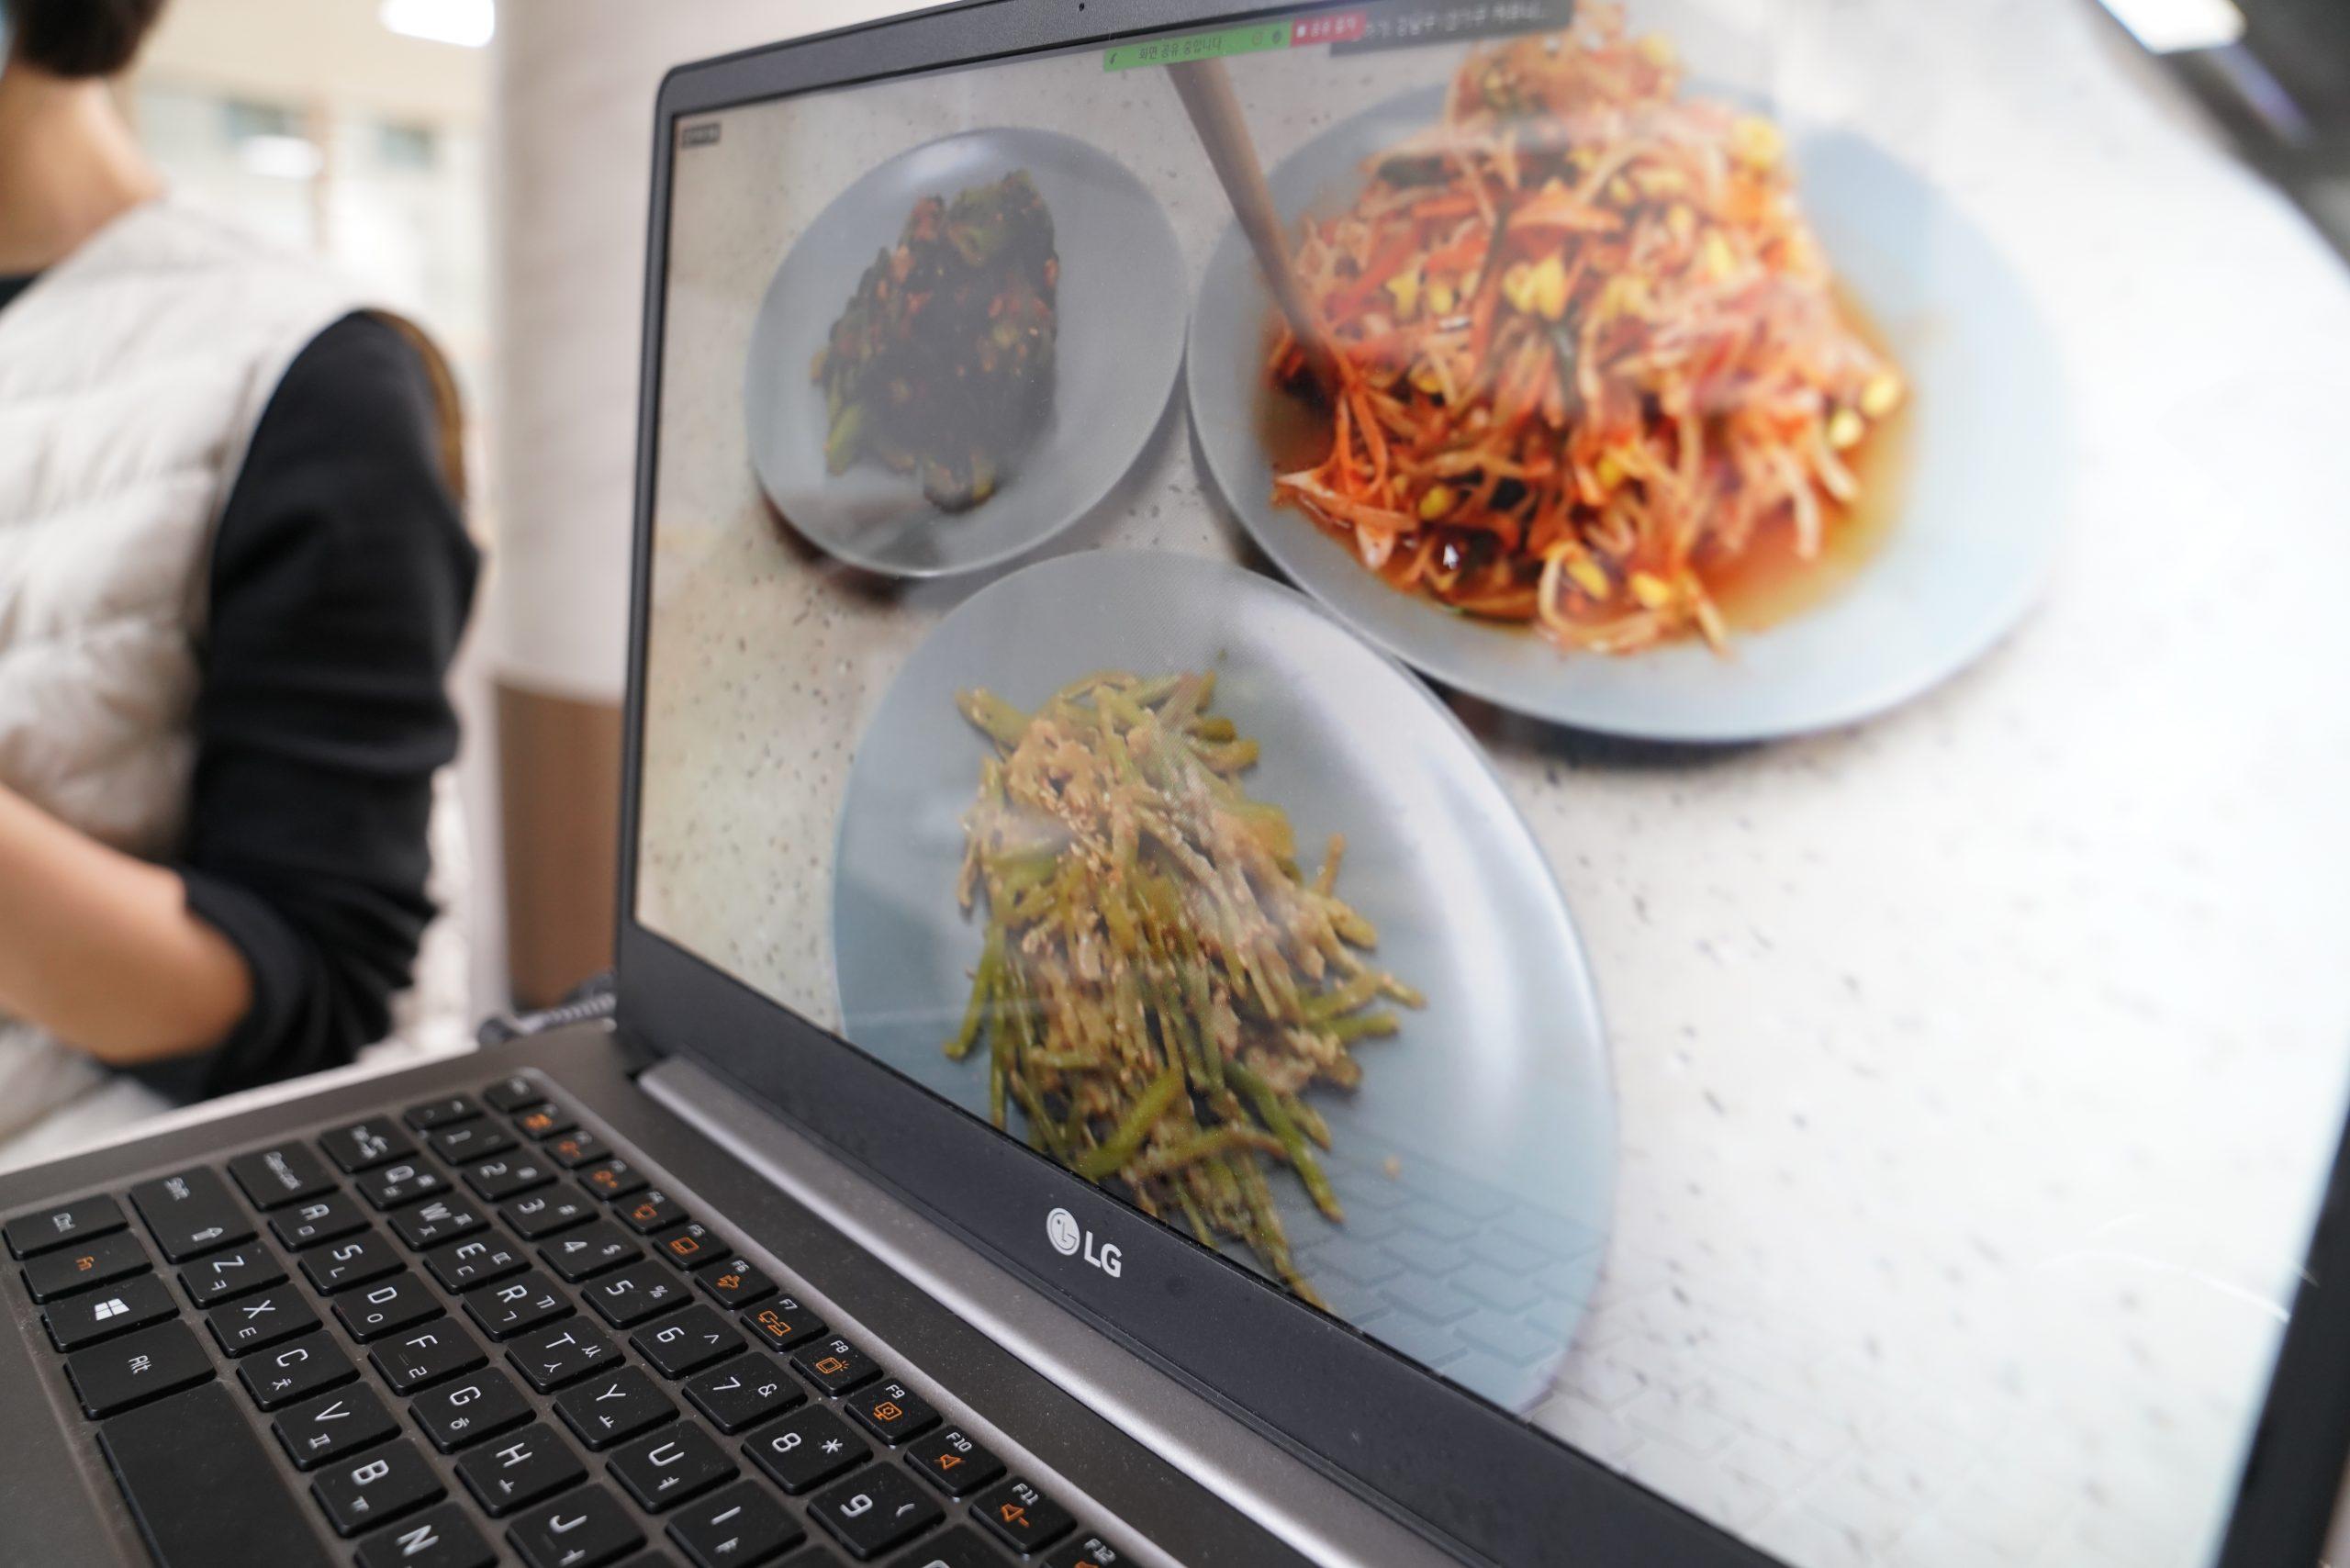 [우리함께 마실가요] 엄마밥상과 함께하는 라이브 소셜다이닝 <STAY.Home, With STAY.G> 후기